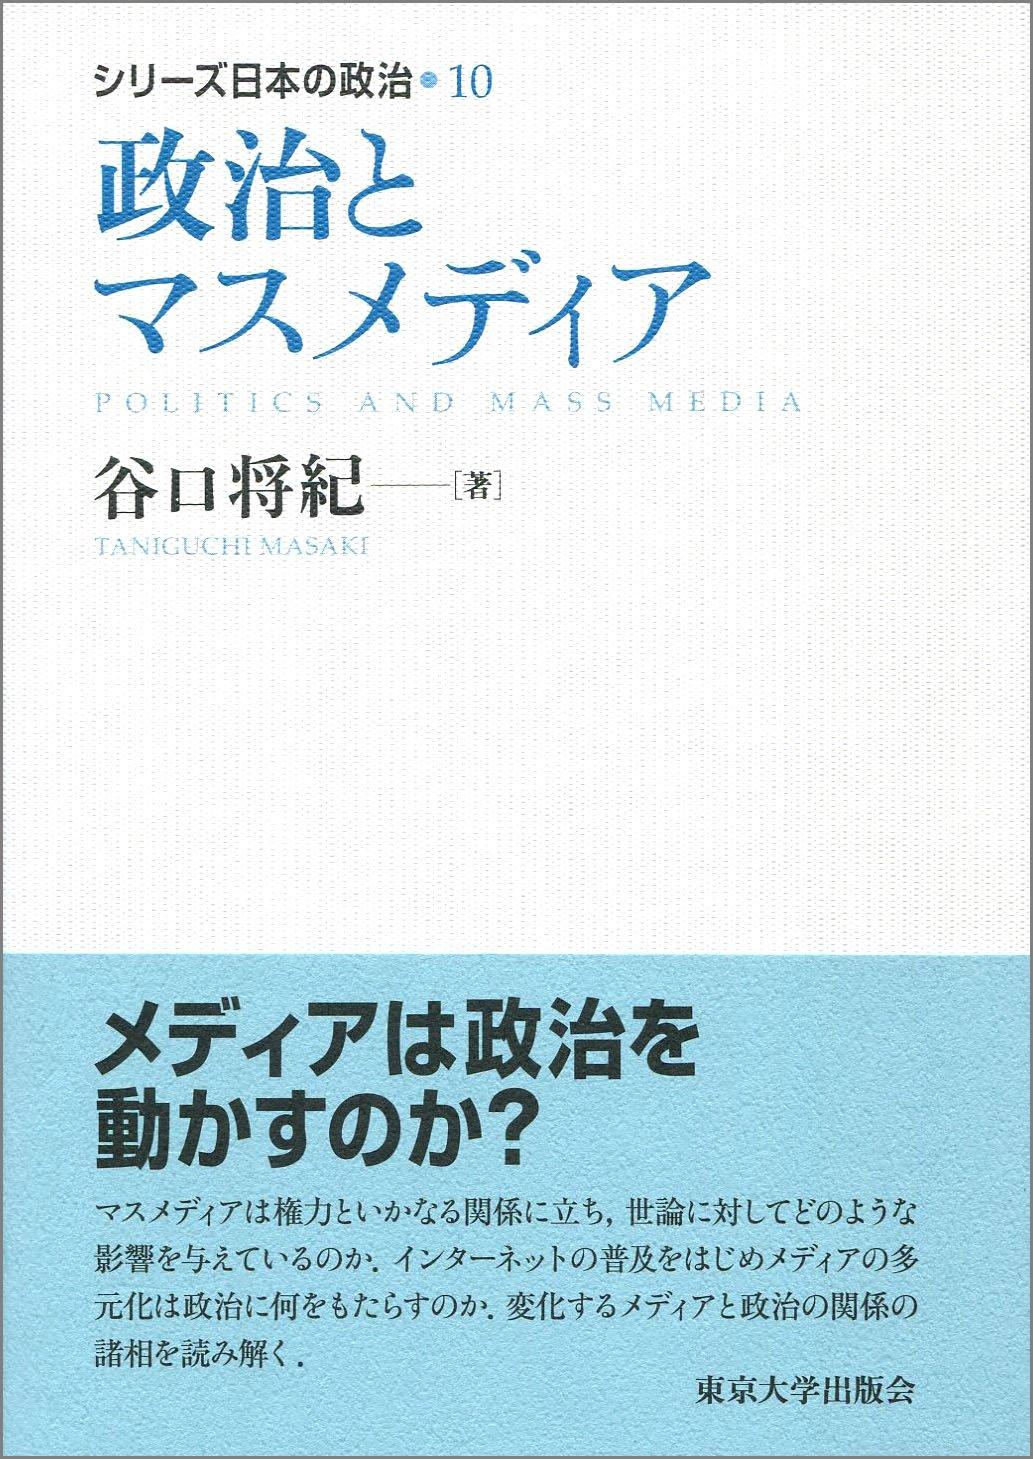 谷口将紀(2015)『政治とマスメディア』(シリーズ日本の政治 10)東京大学出版会